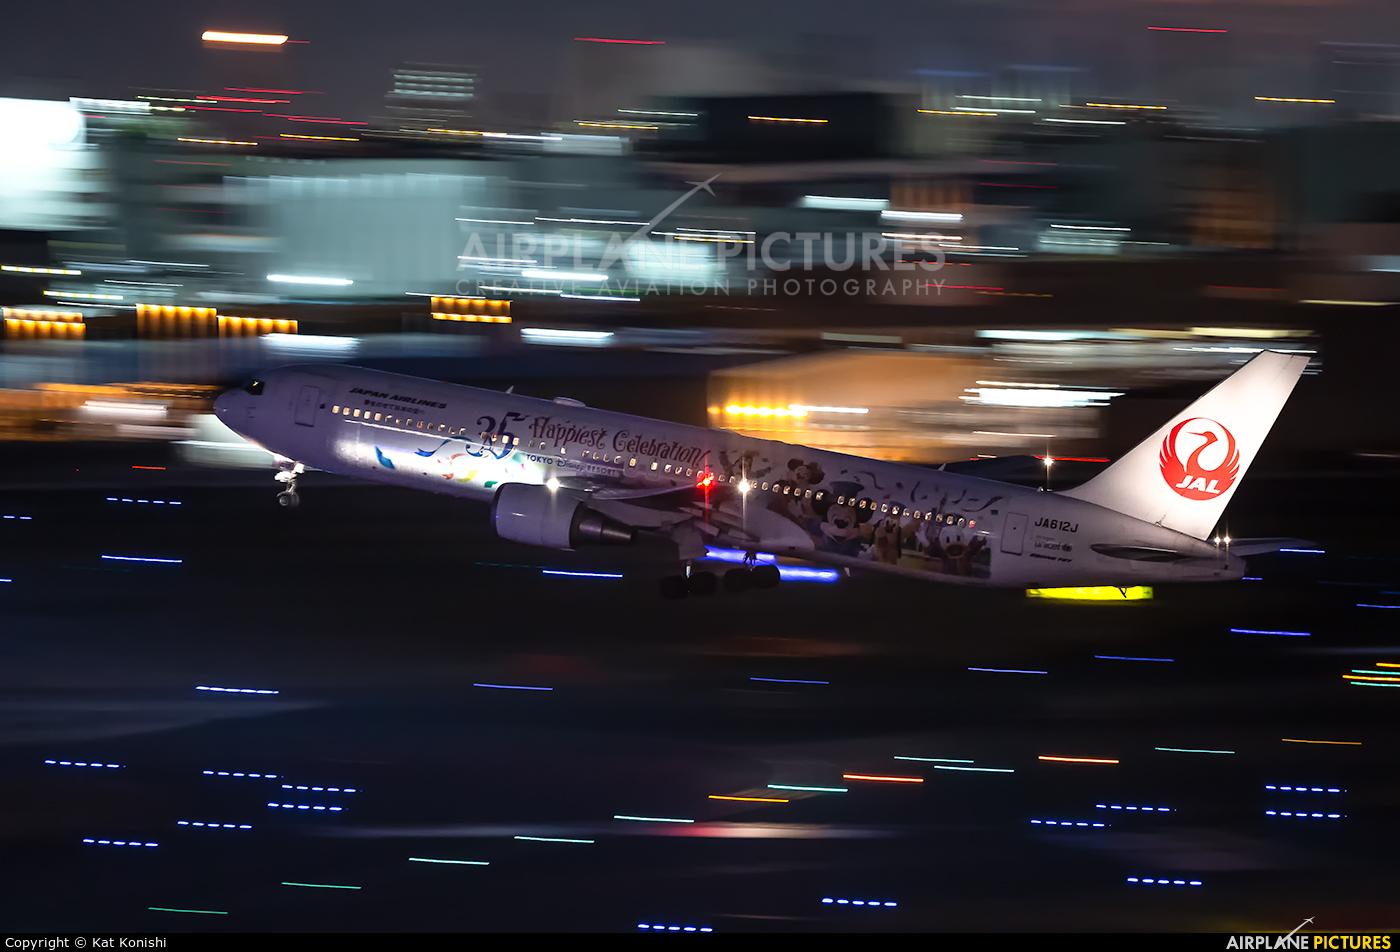 JAL - Japan Airlines JA612J aircraft at Tokyo - Haneda Intl